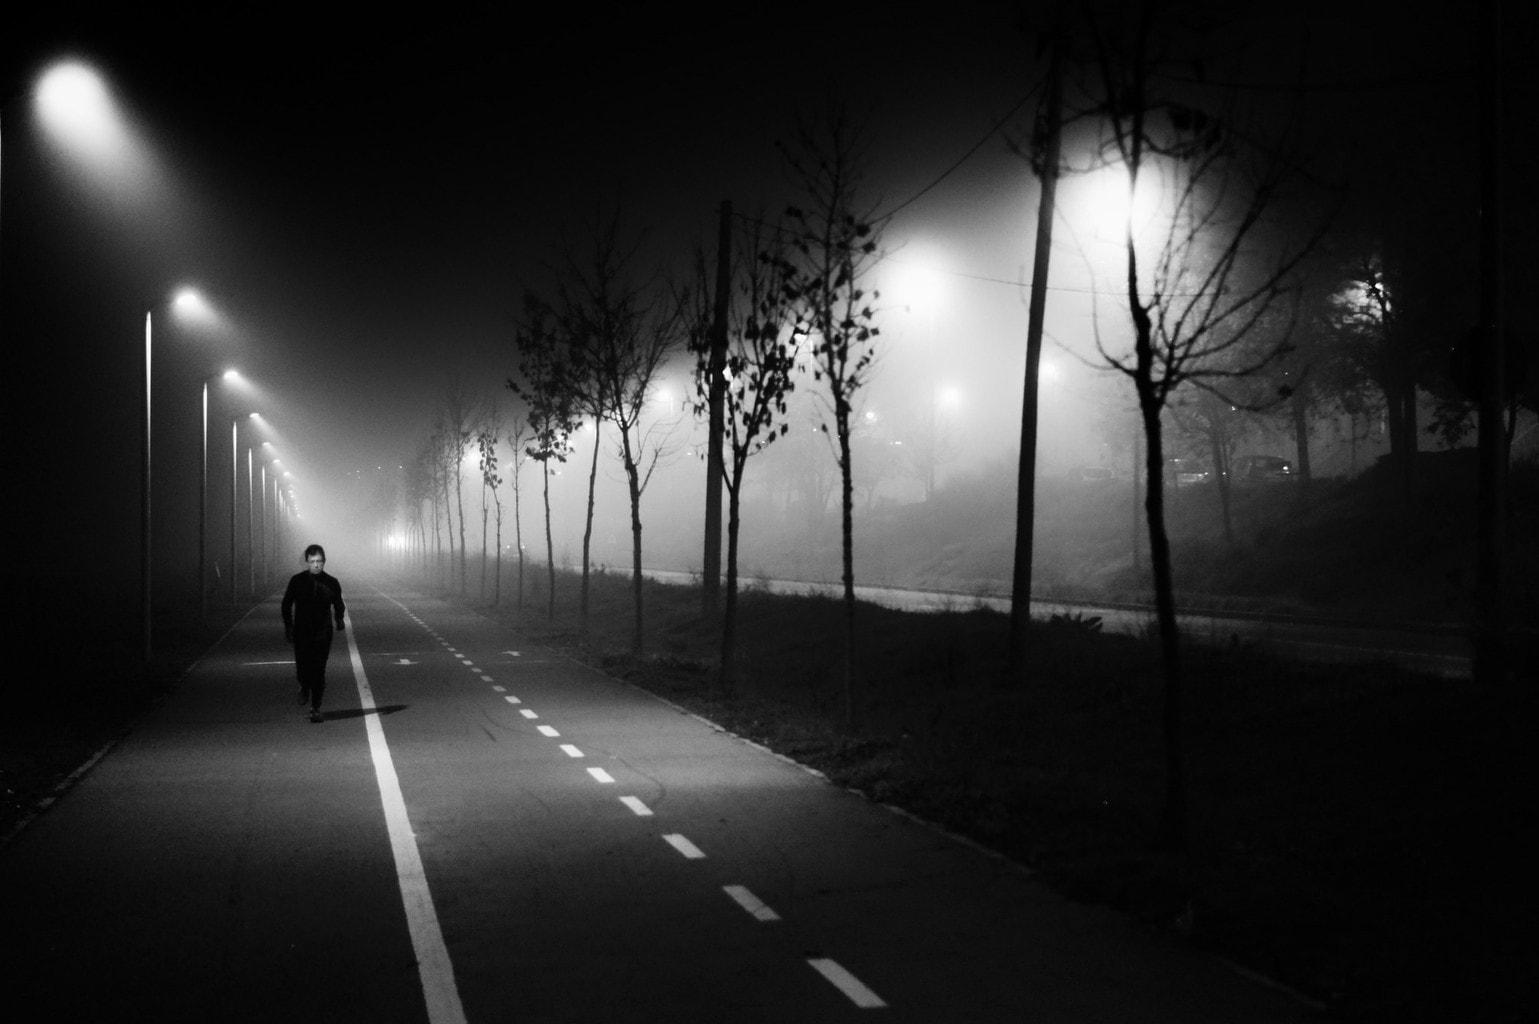 fotografía en blanco y negro de un hombre corriendo